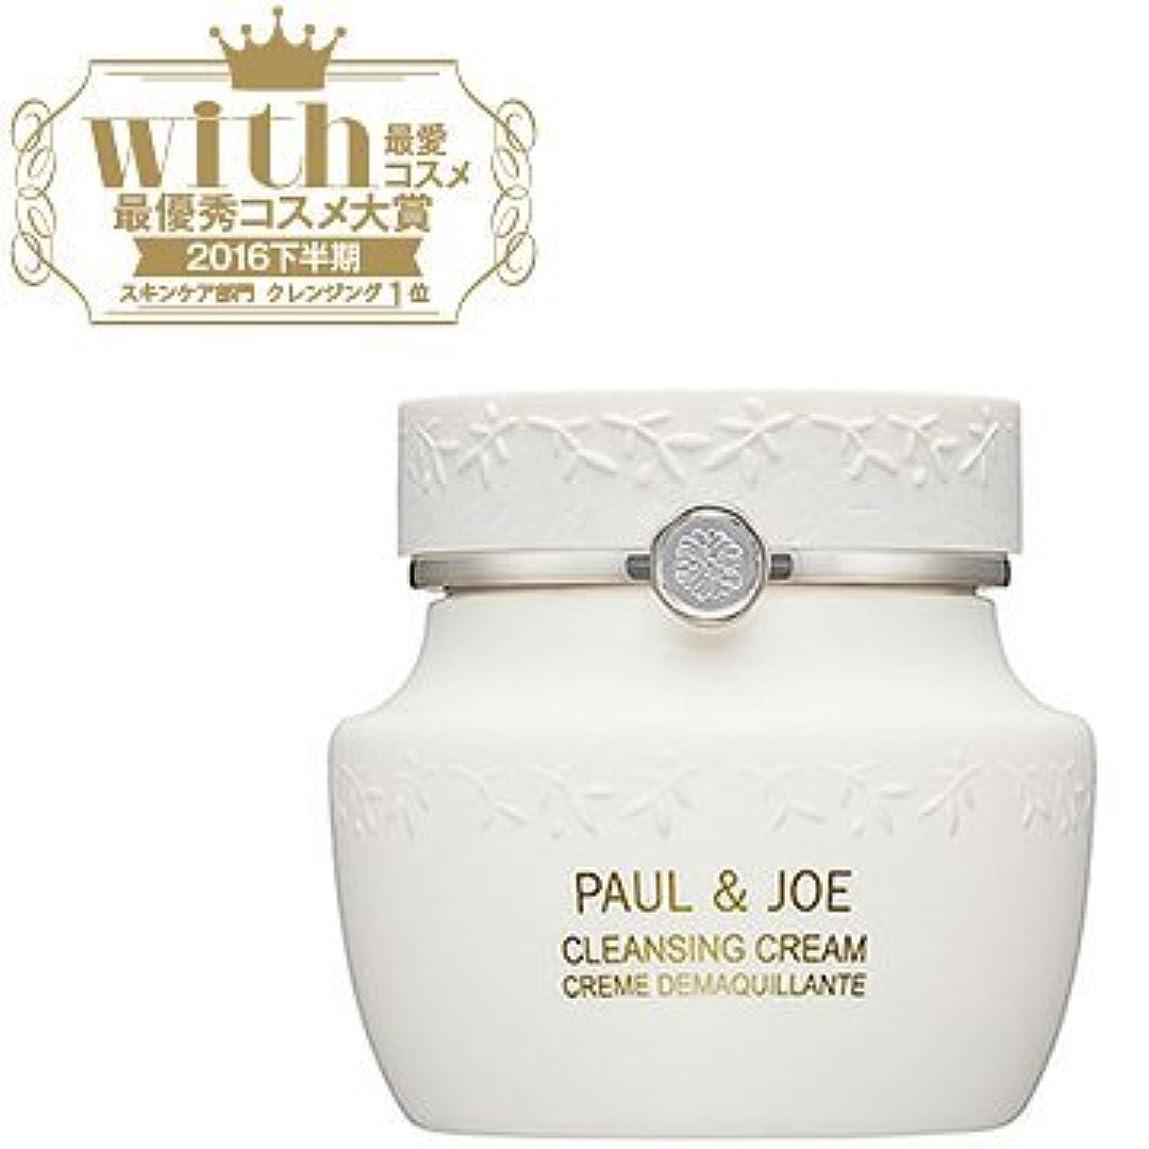 固有の出会い褐色ポール&ジョー PAUL&JOEクレンジング クリーム Cleansing Cream 150g [並行輸入品]